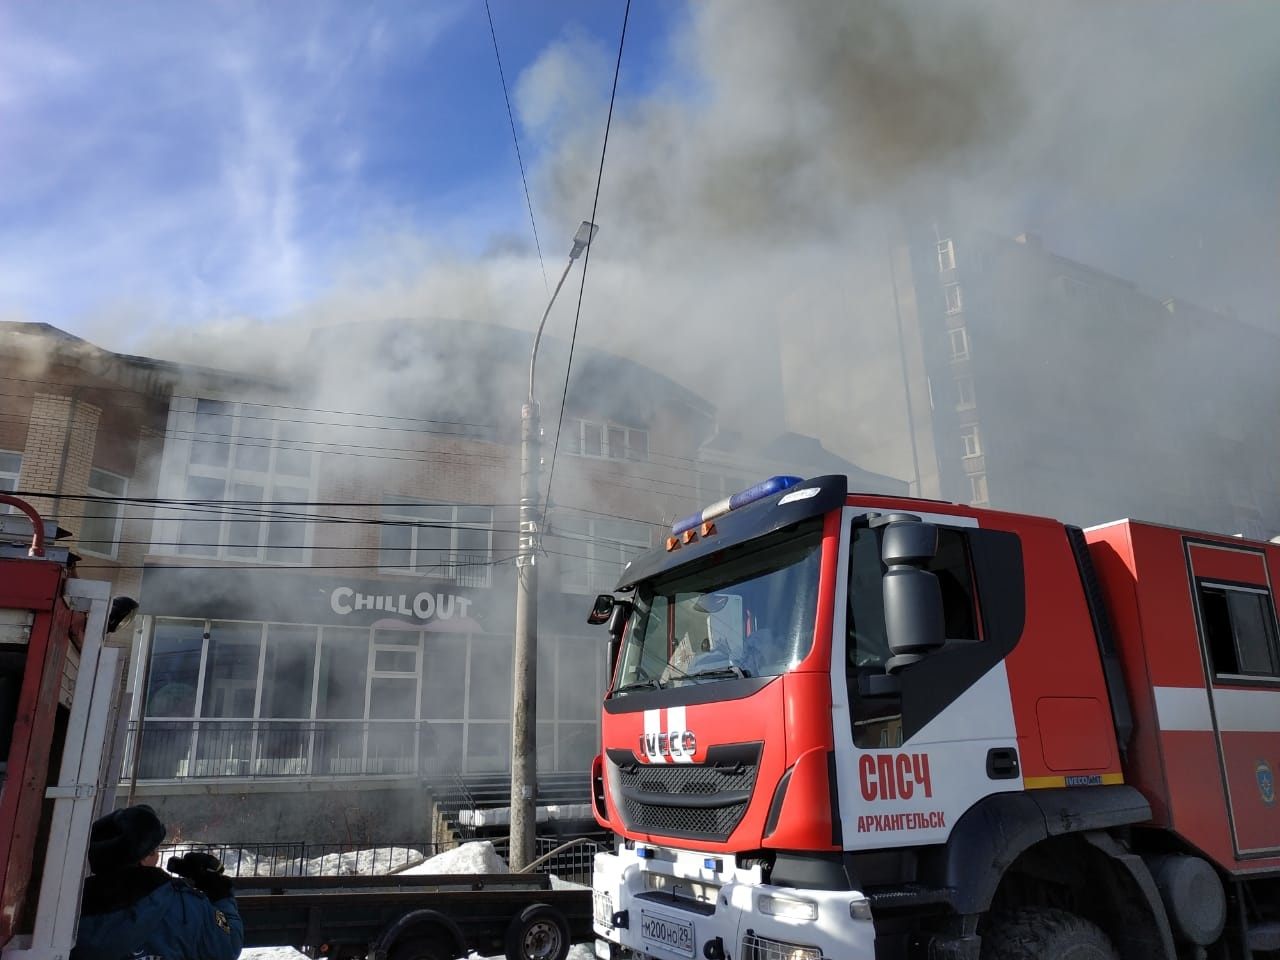 Пожарно-спасательные подразделения ликвидировали пожар в Лешуконском районе Архангельской области